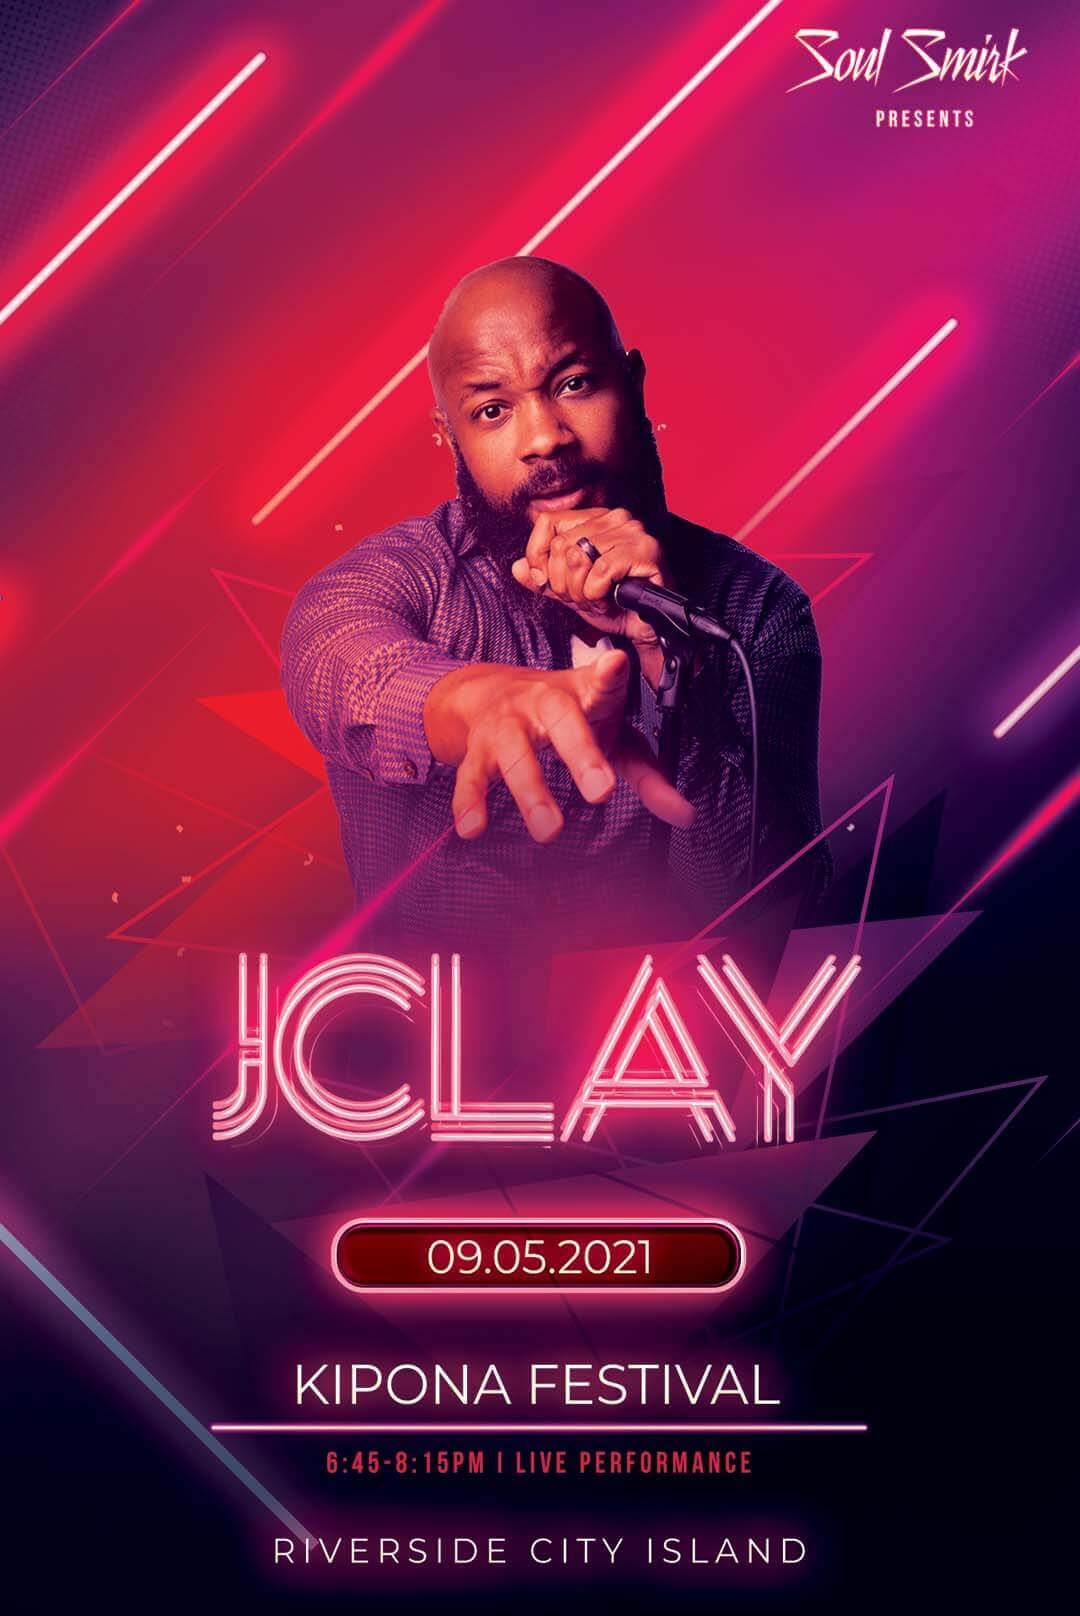 JClay, Kipona Festival: Yoga Glow and Flow Party